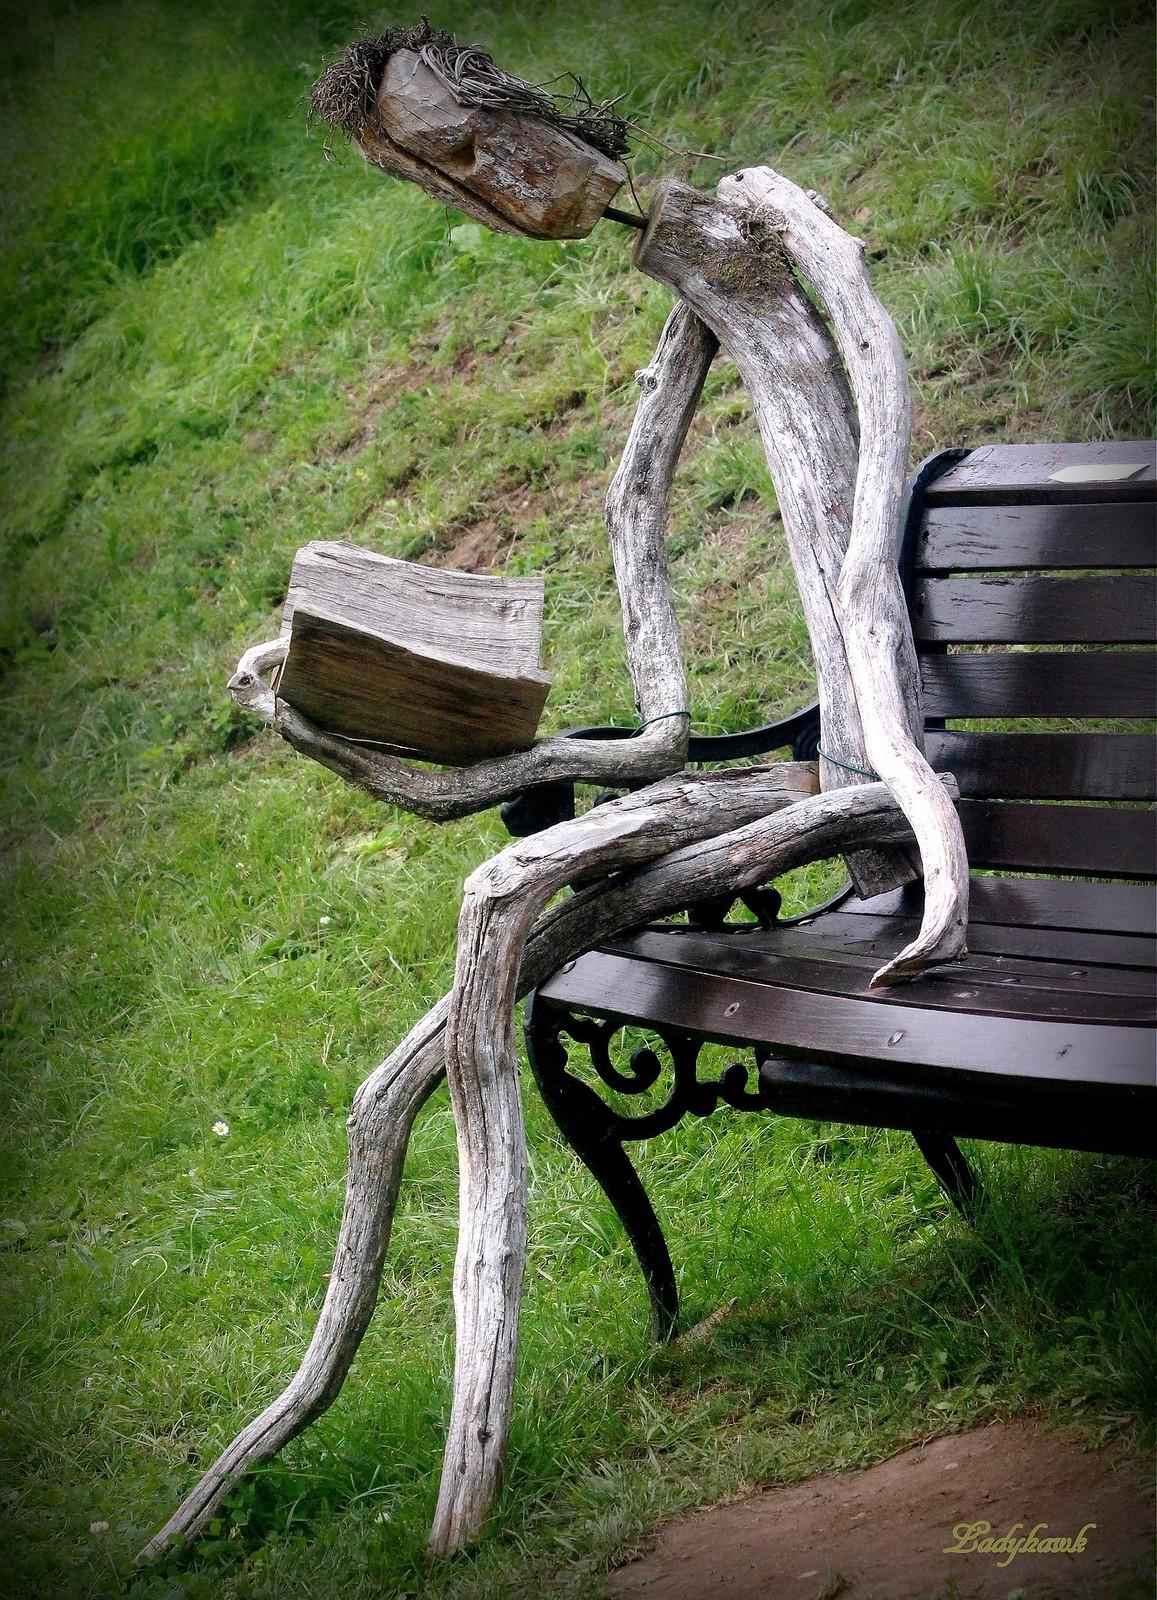 l'arbre vivant, Canon EOS 700D, Canon EF 70-300mm f/4-5.6 IS USM